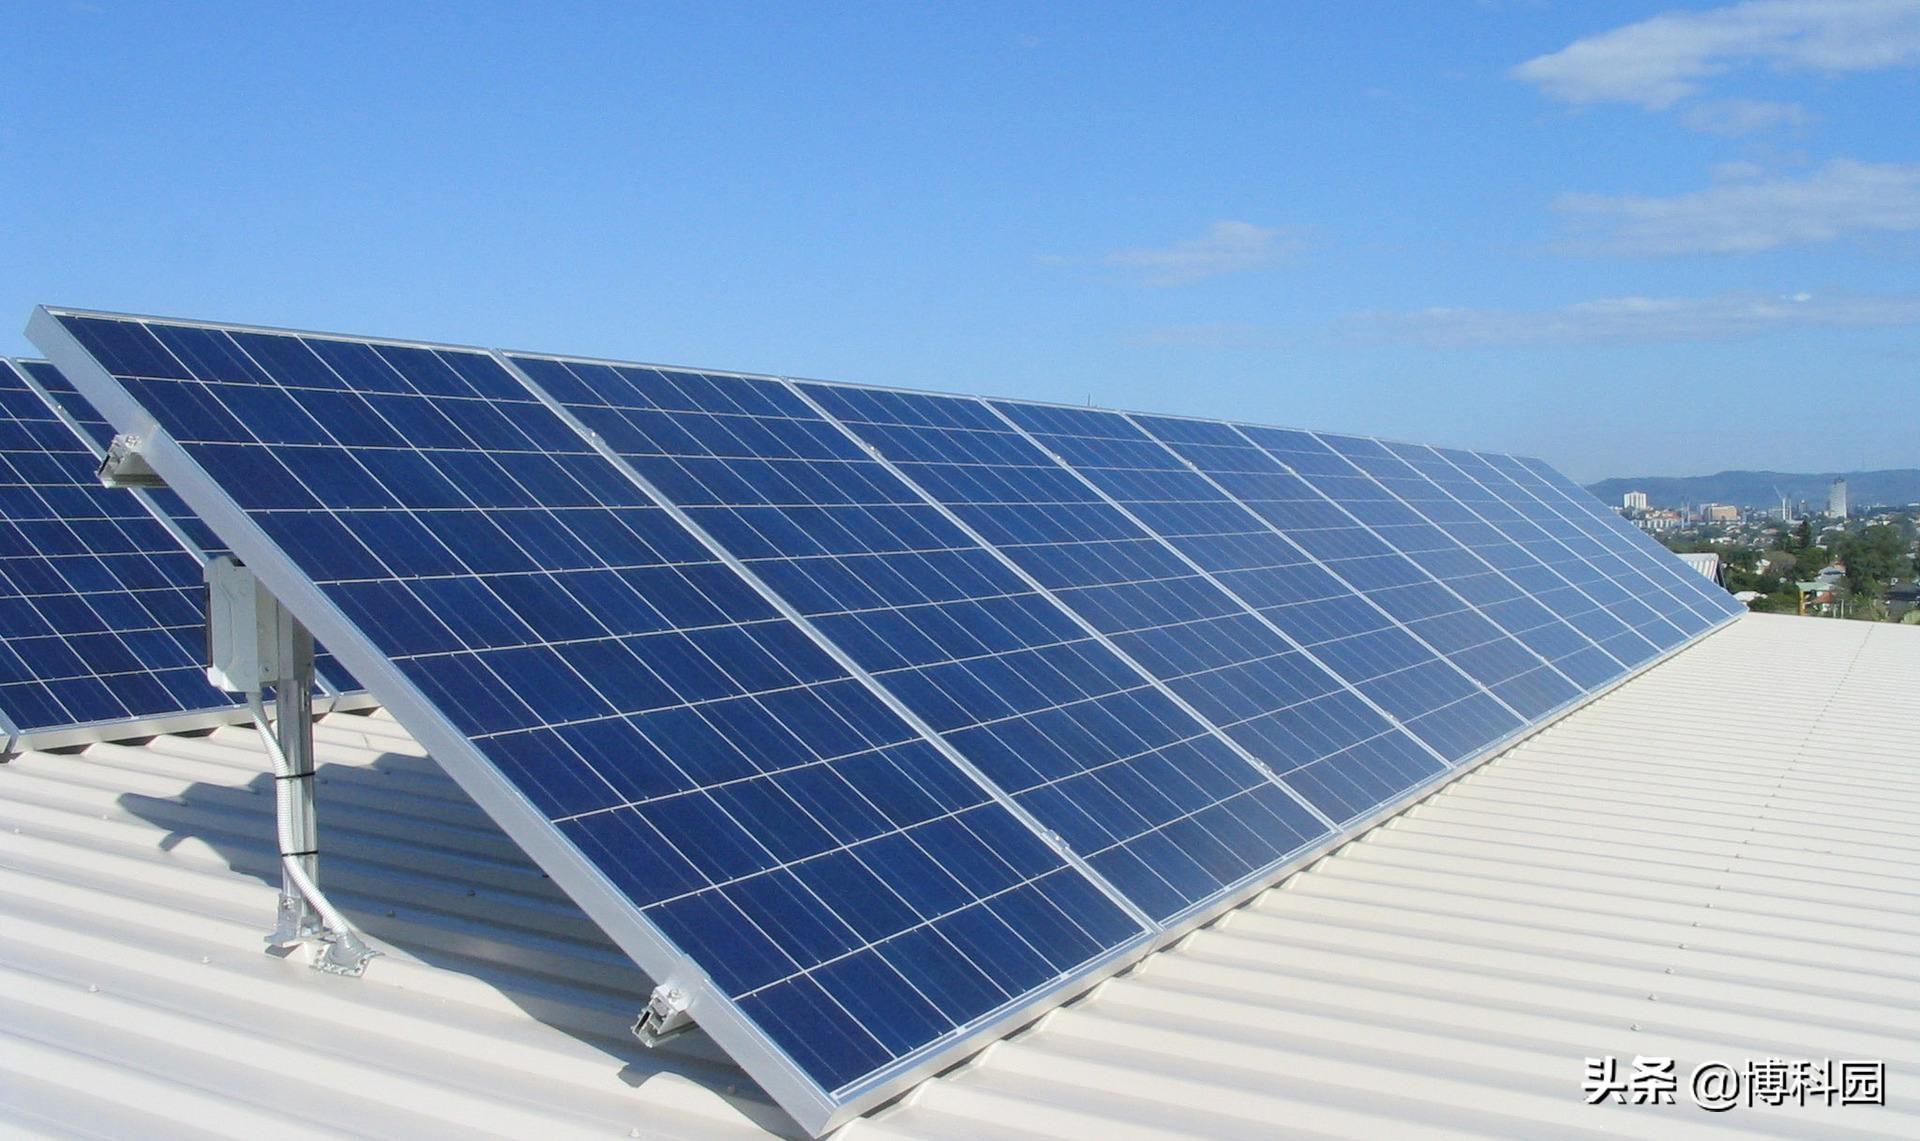 太阳能电池缺陷之谜终于揭开!终不负全球数十年的努力